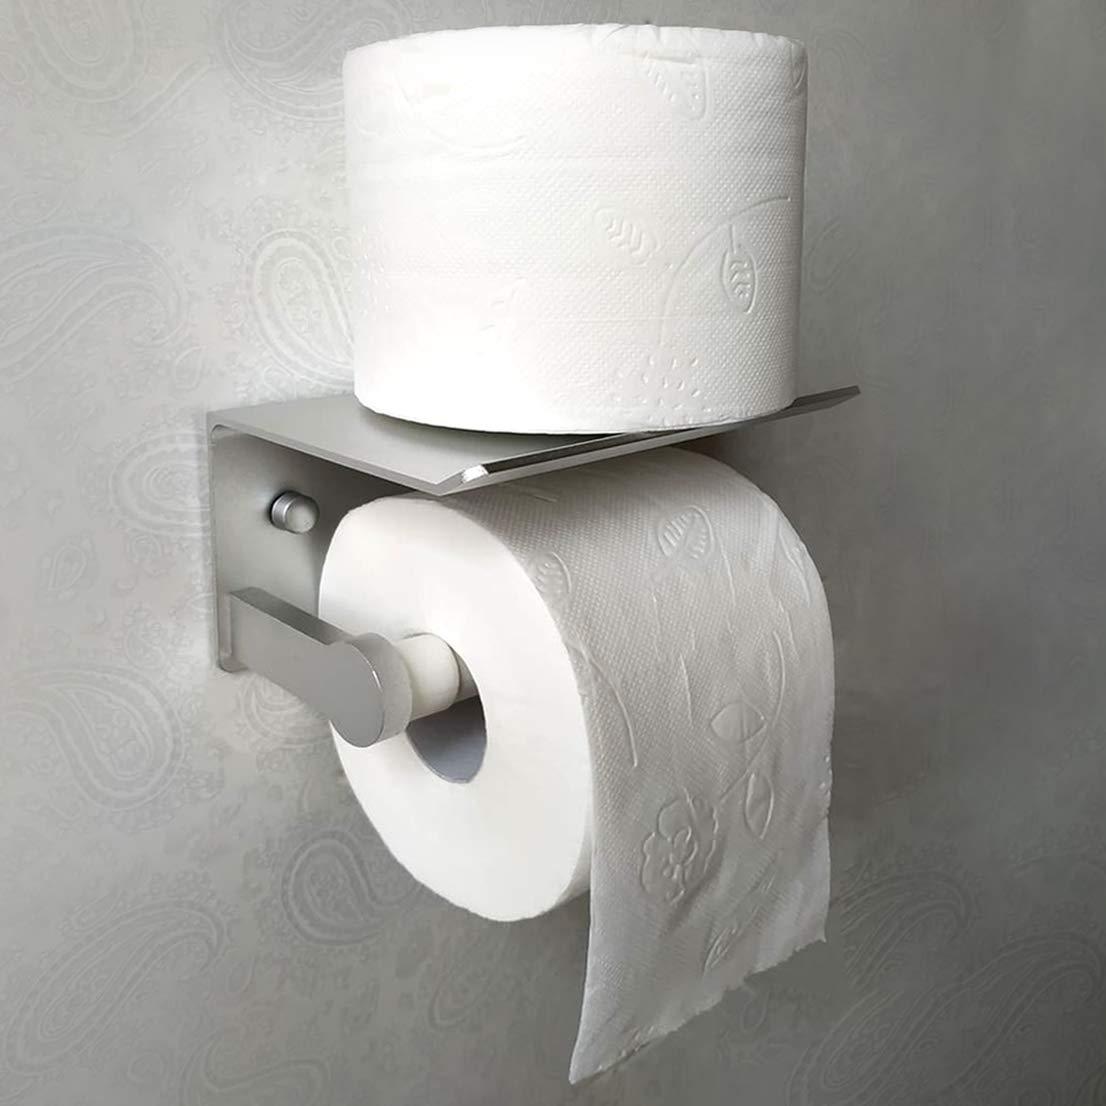 domymob Porte-Papier Toilette adh/ésif 3M sans per/çage avec /étag/ère 3e g/én/ération